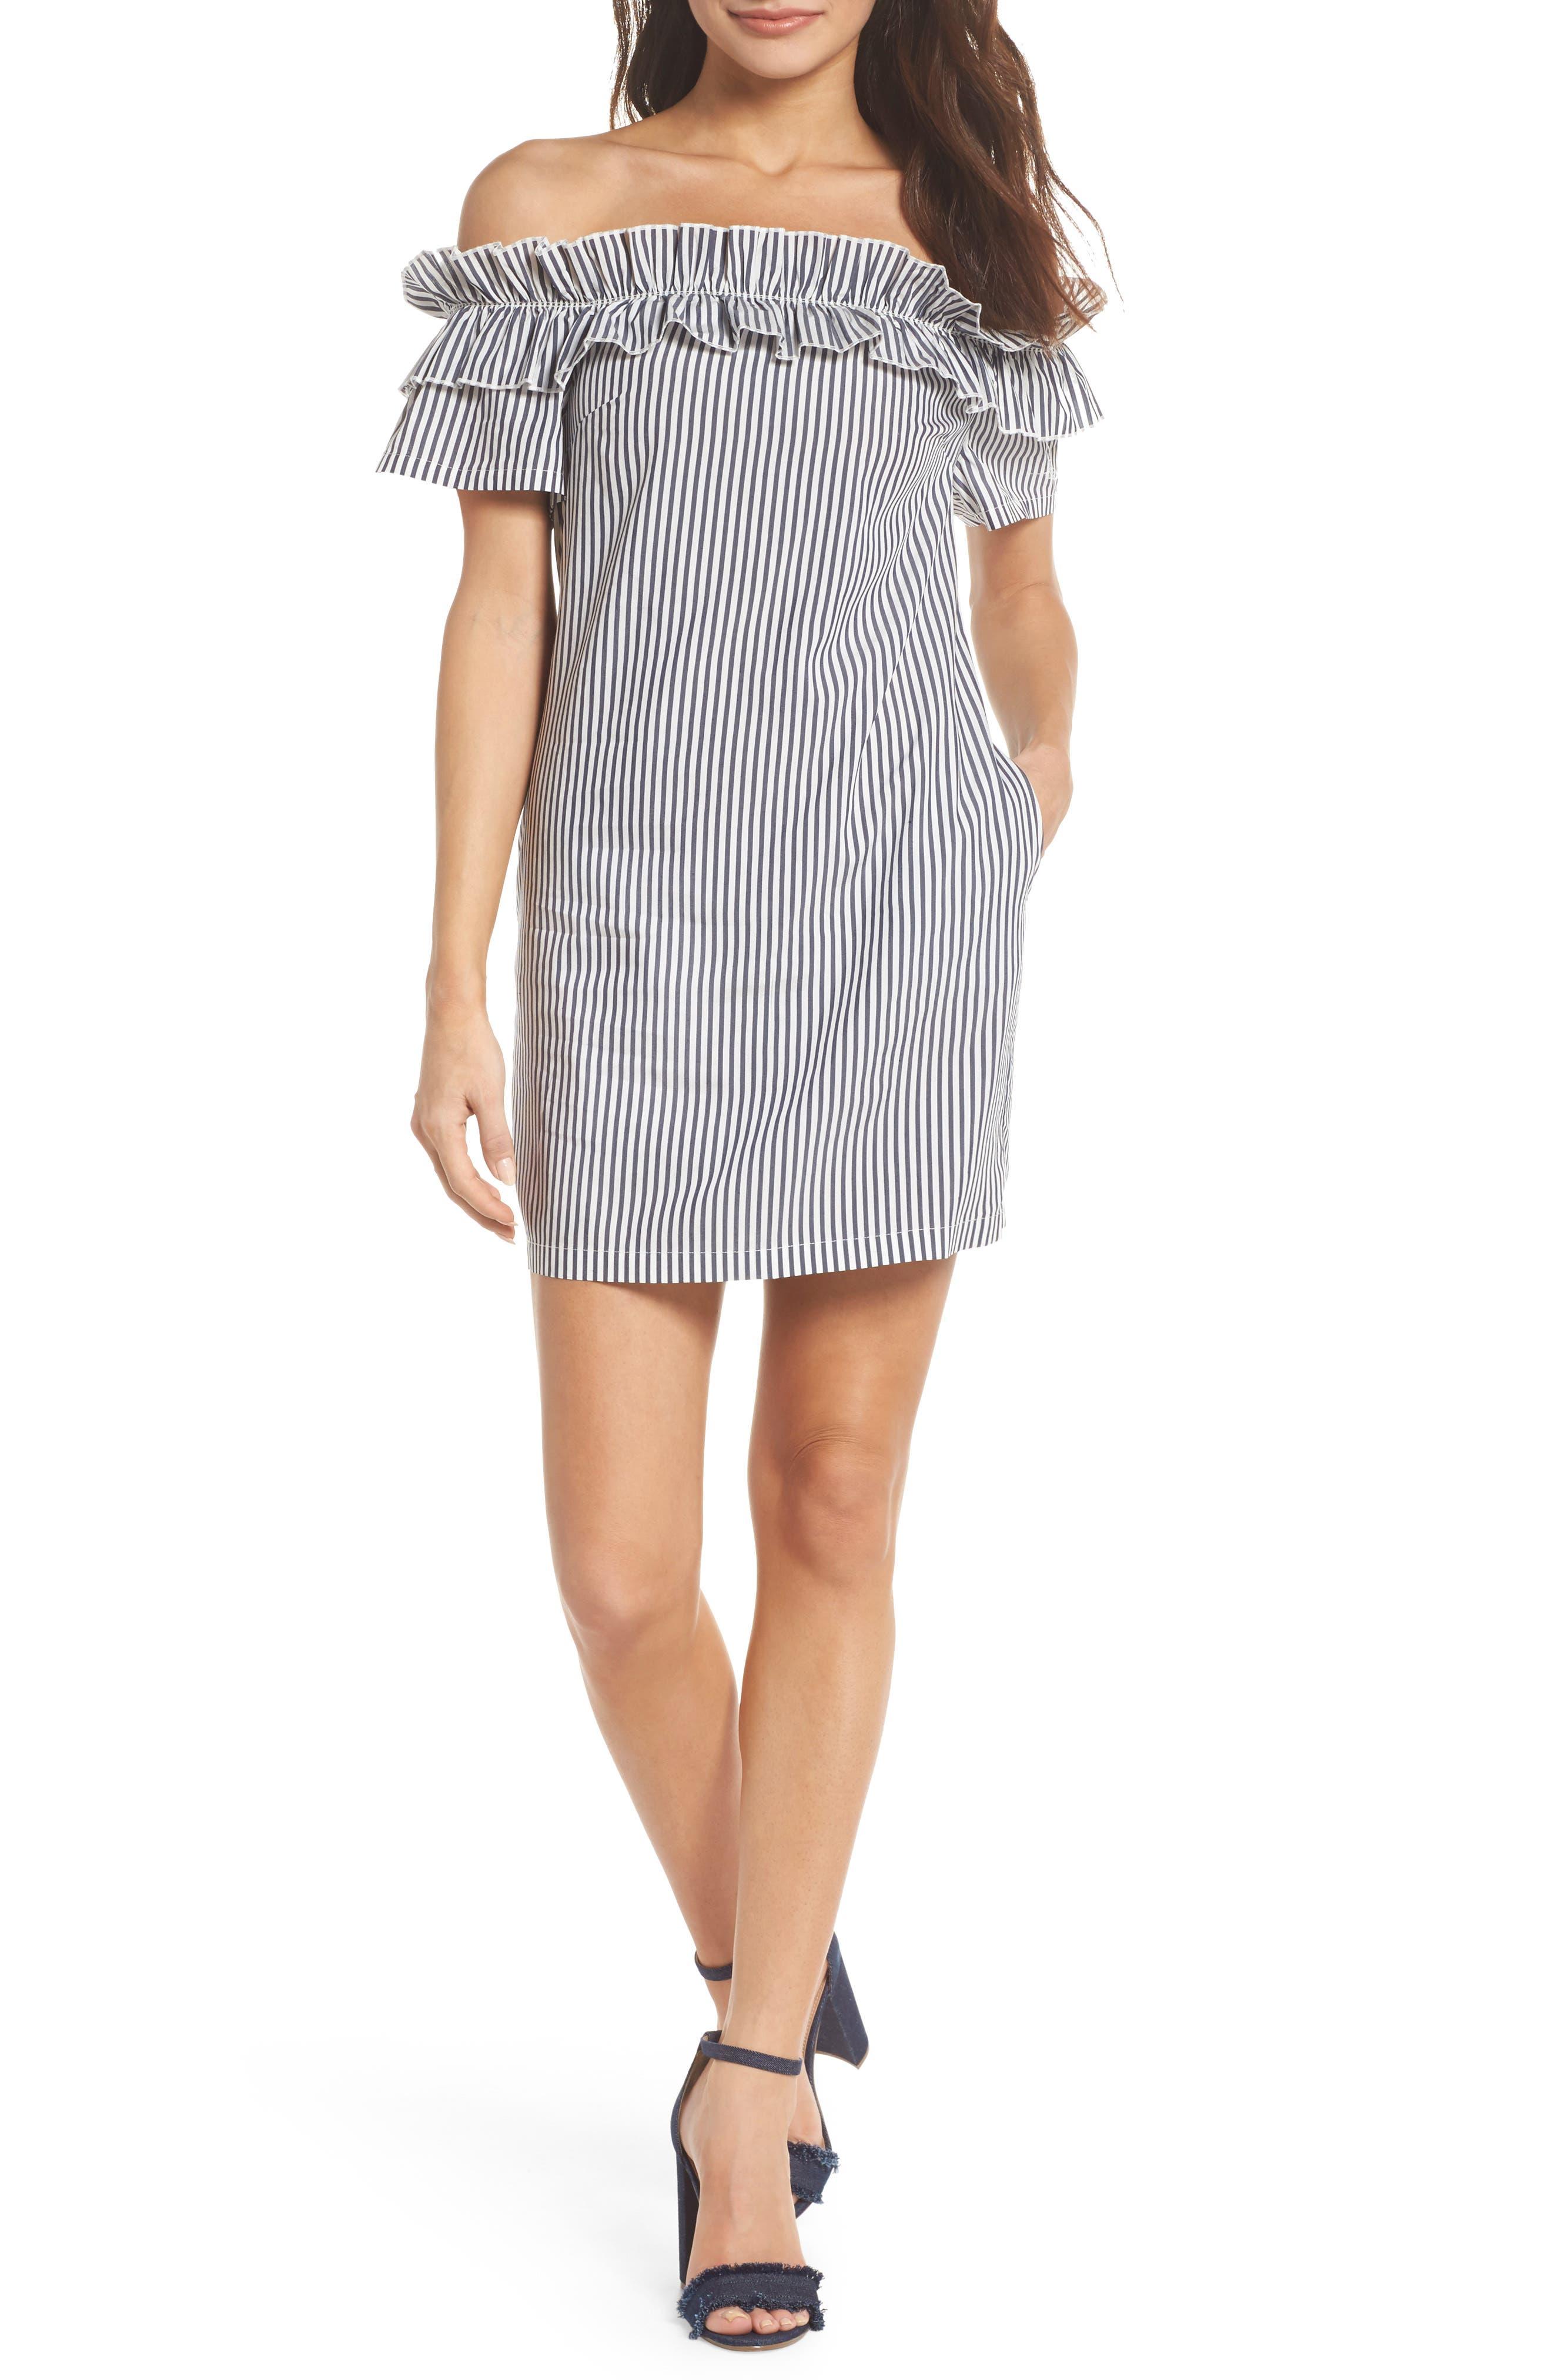 Patio Only Stripe Minidress,                         Main,                         color, Navy/ White Mini Stripe